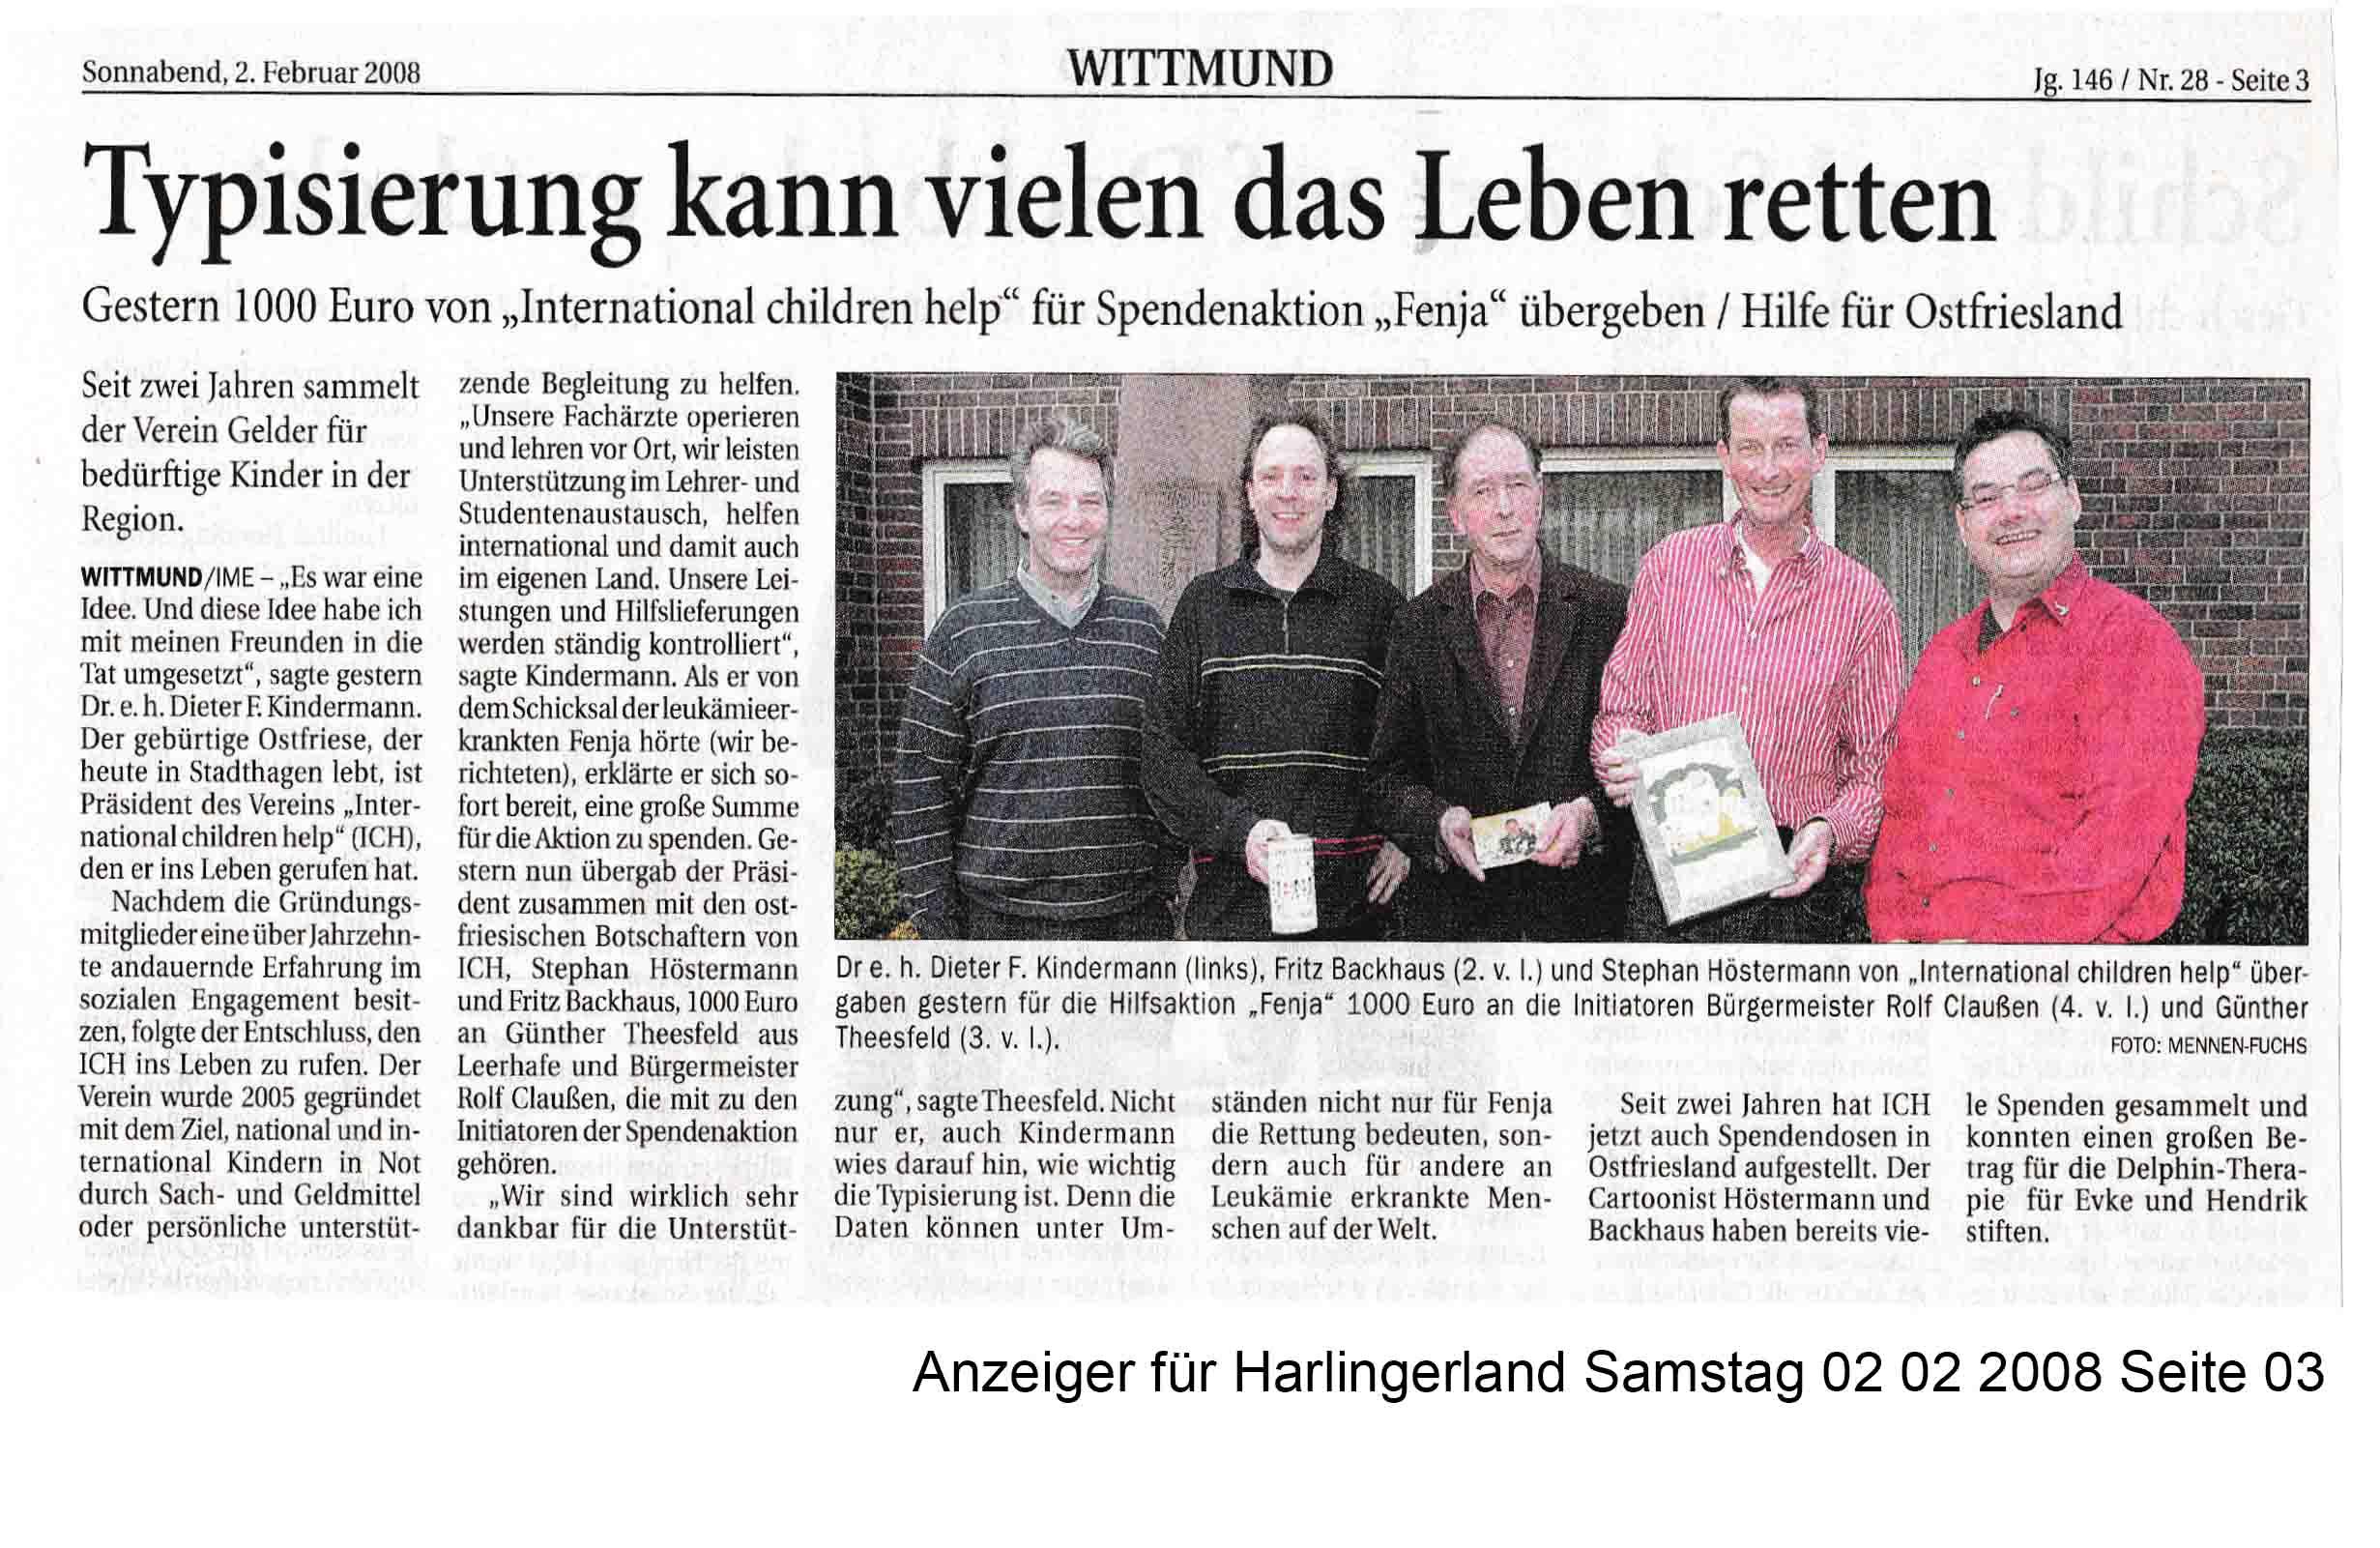 Anzeiger für Harlingerland Samstag 02 02 2008 Seite 03